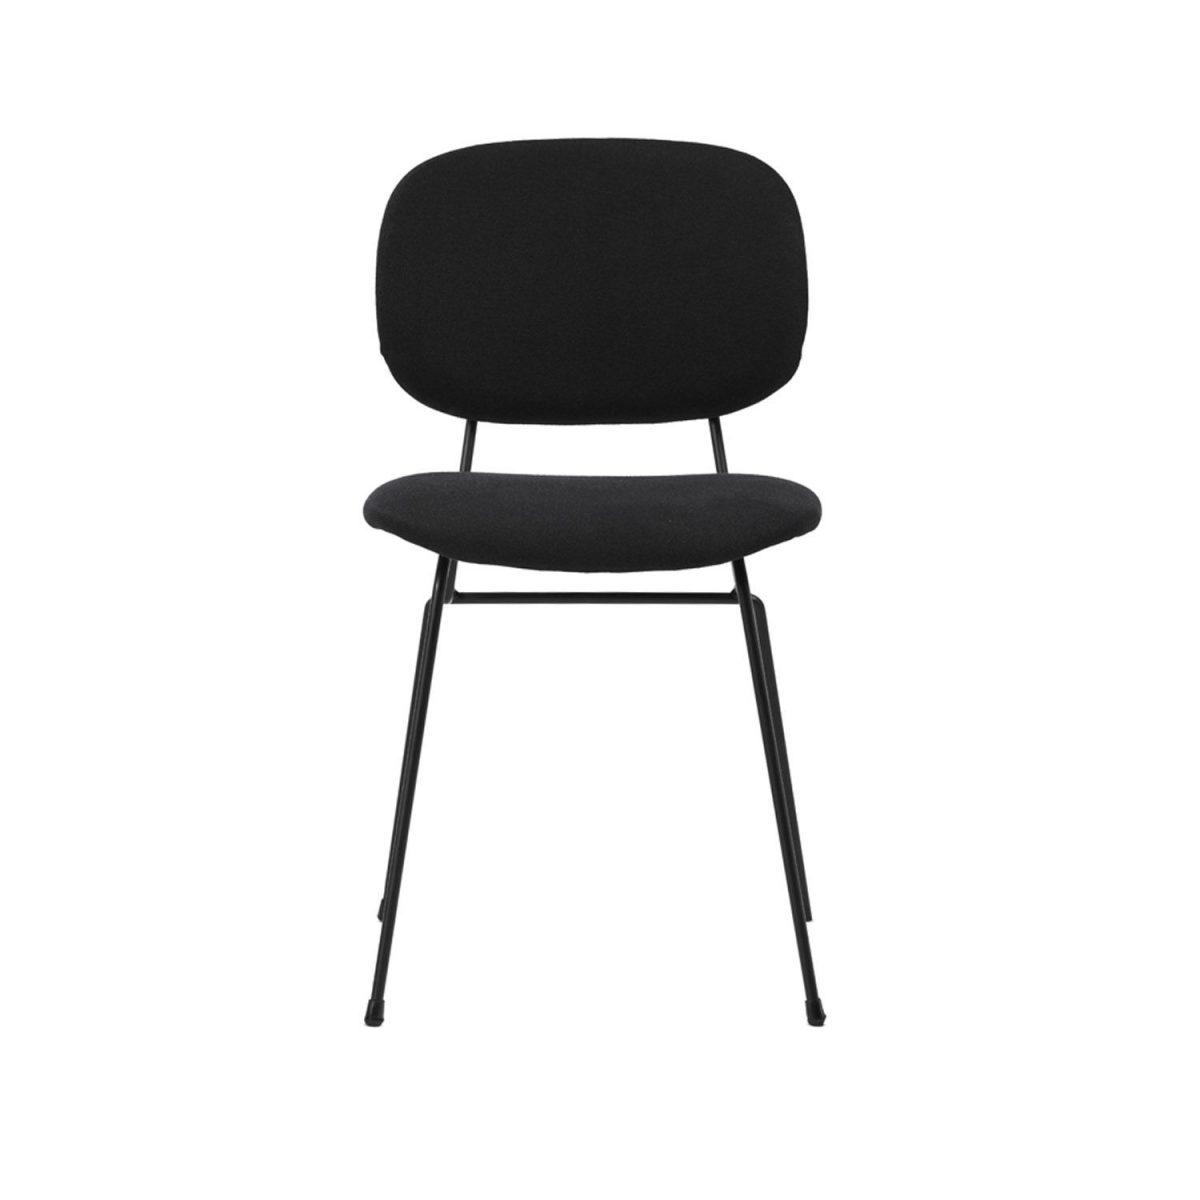 D Chair Lensvelt Gestoffeerd Stoel Eetkamerstoel Zwart